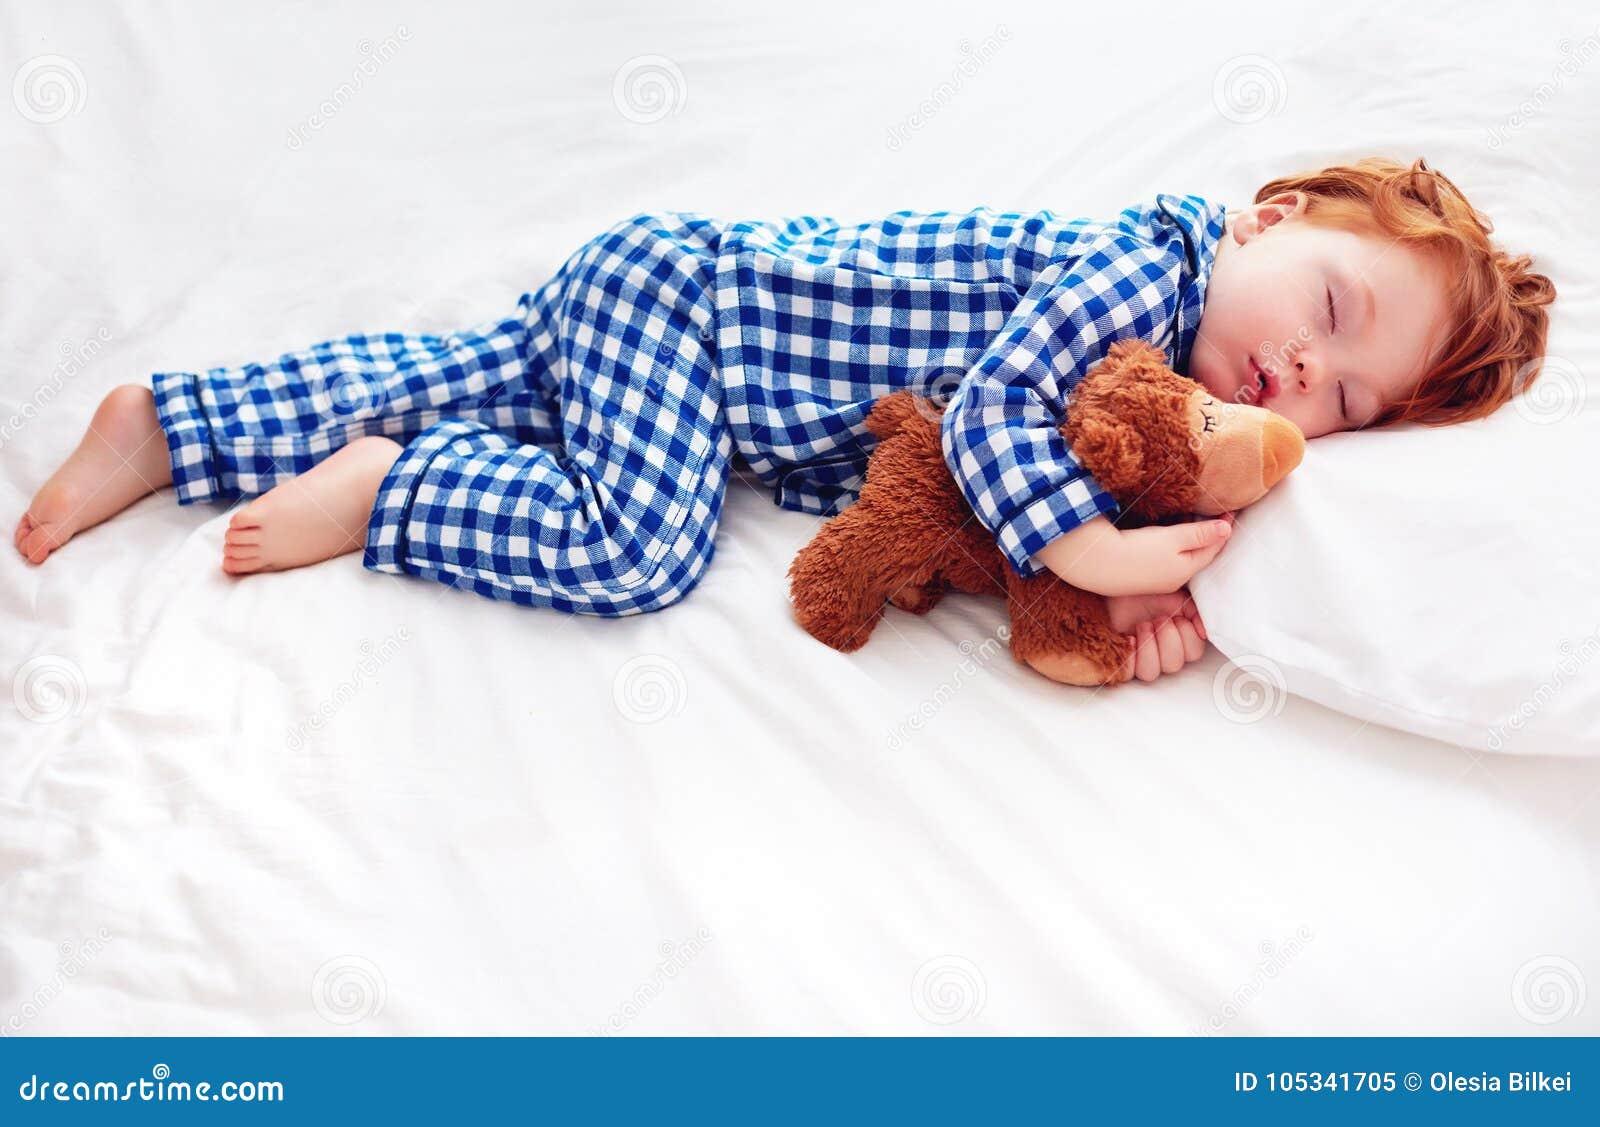 87c7301157 Bebé adorable del niño del pelirrojo en pijamas de la franela que duerme  con el juguete